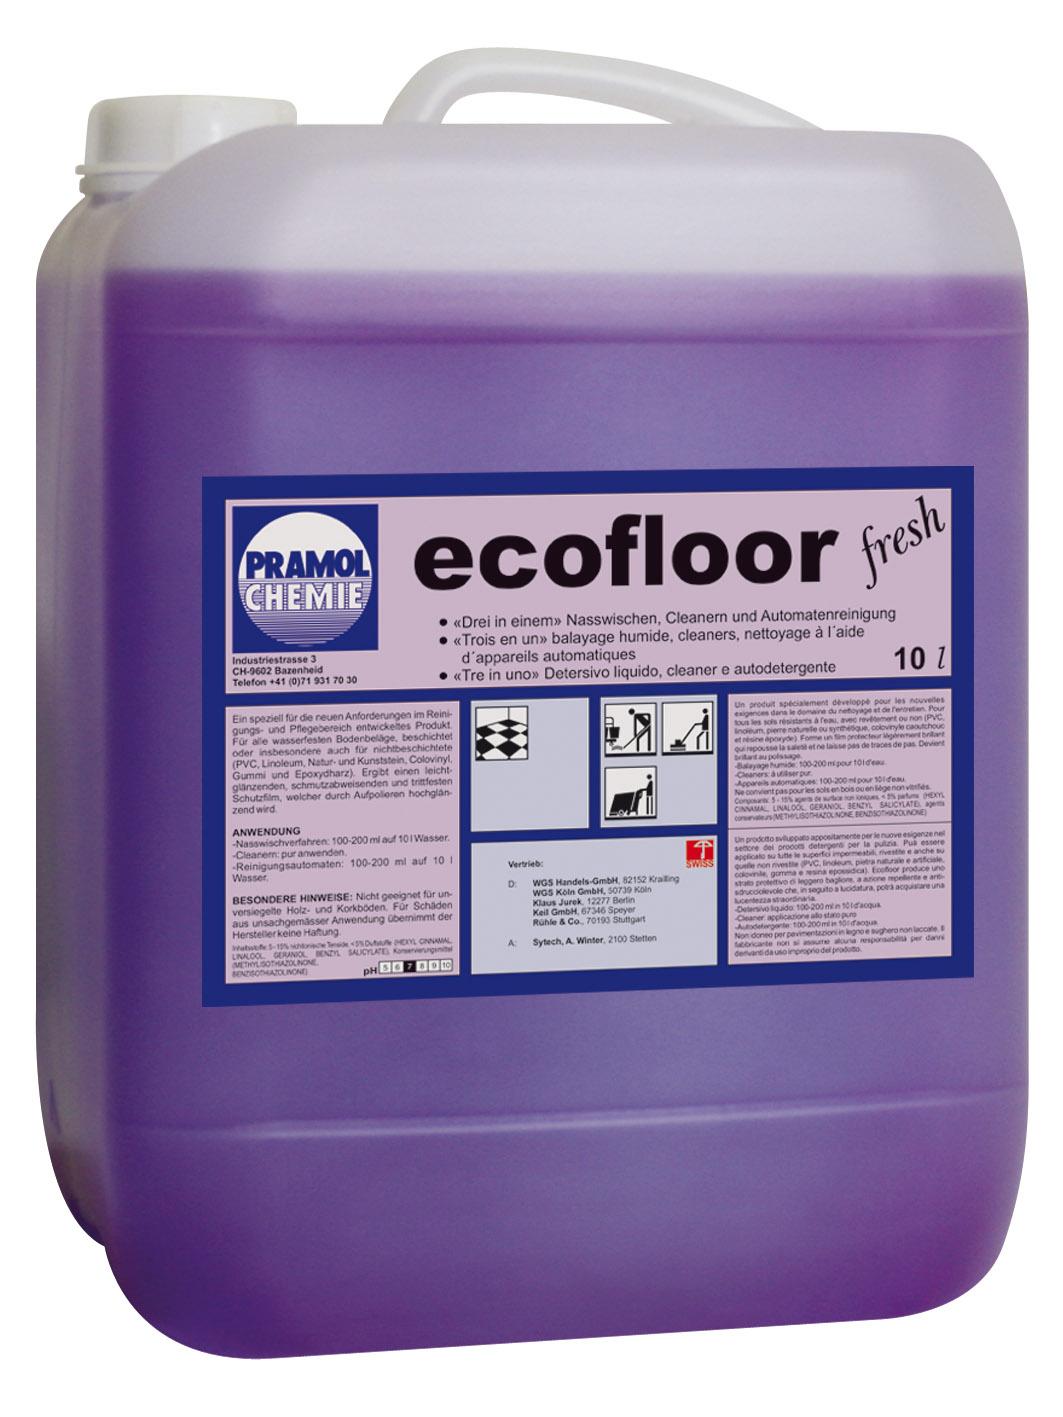 Pramol ECOFLOOR fresh, Wischpflege auf Polymerbasis, erfüllt DIN18032, 10 Liter